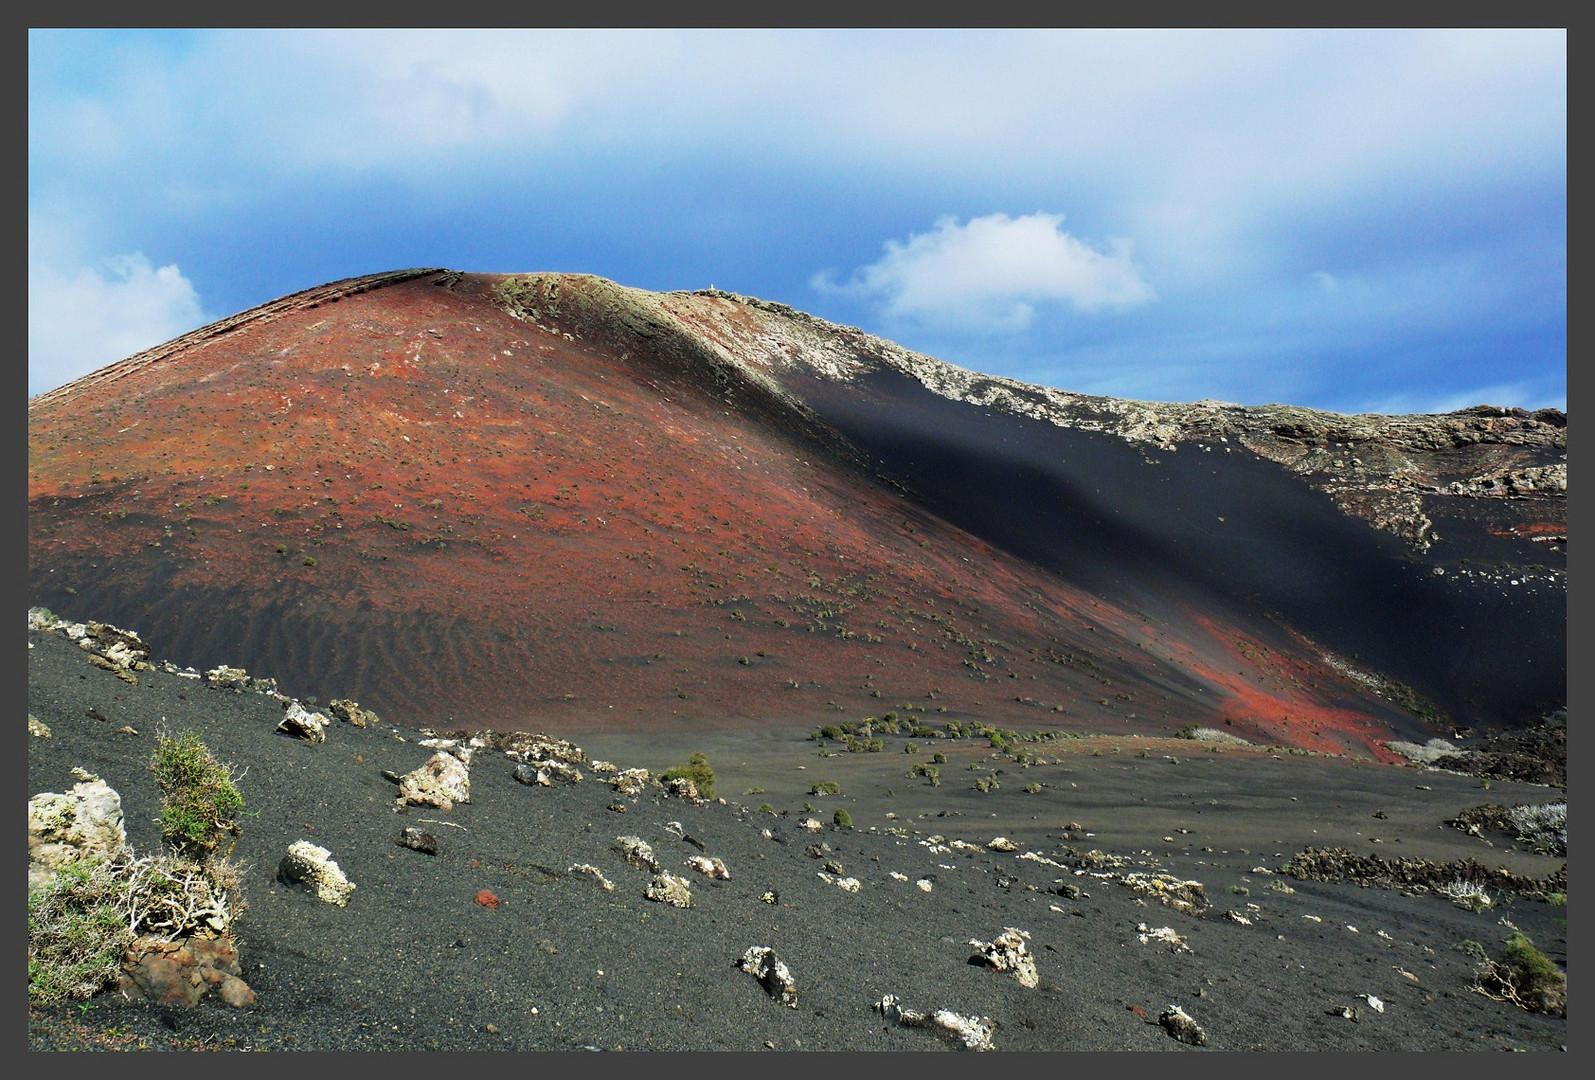 Verbrannte Erde im Gebiet der Feuerberge (Timanfaya Nationalpark)